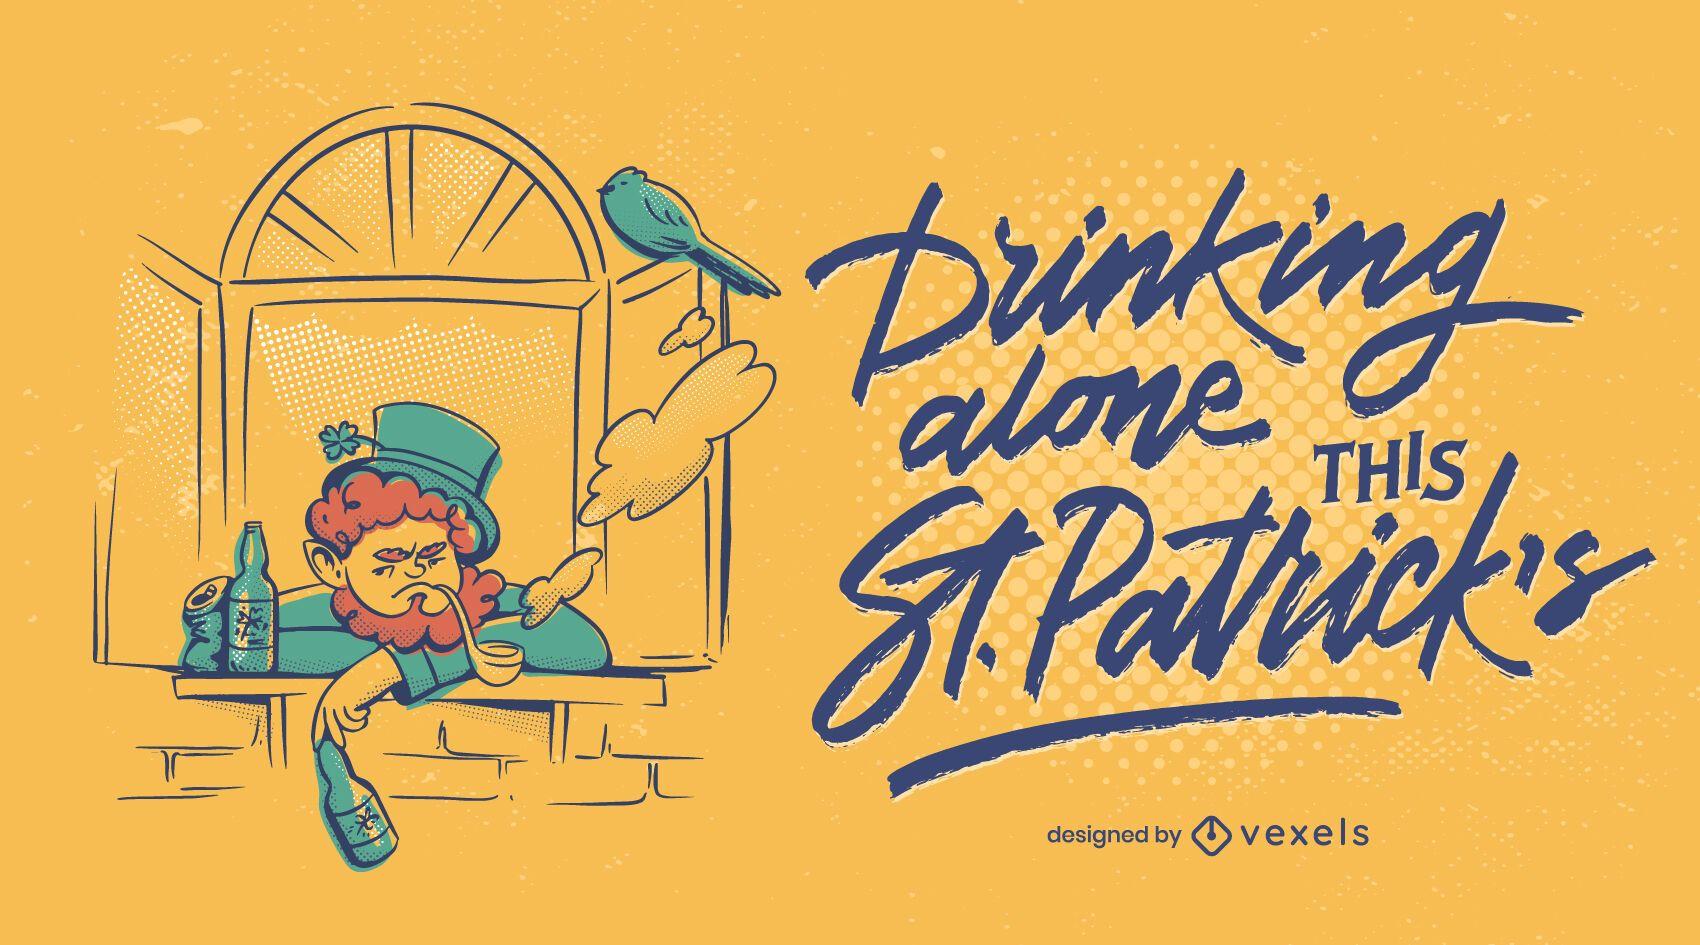 Solo este diseño de ilustración de st patricks